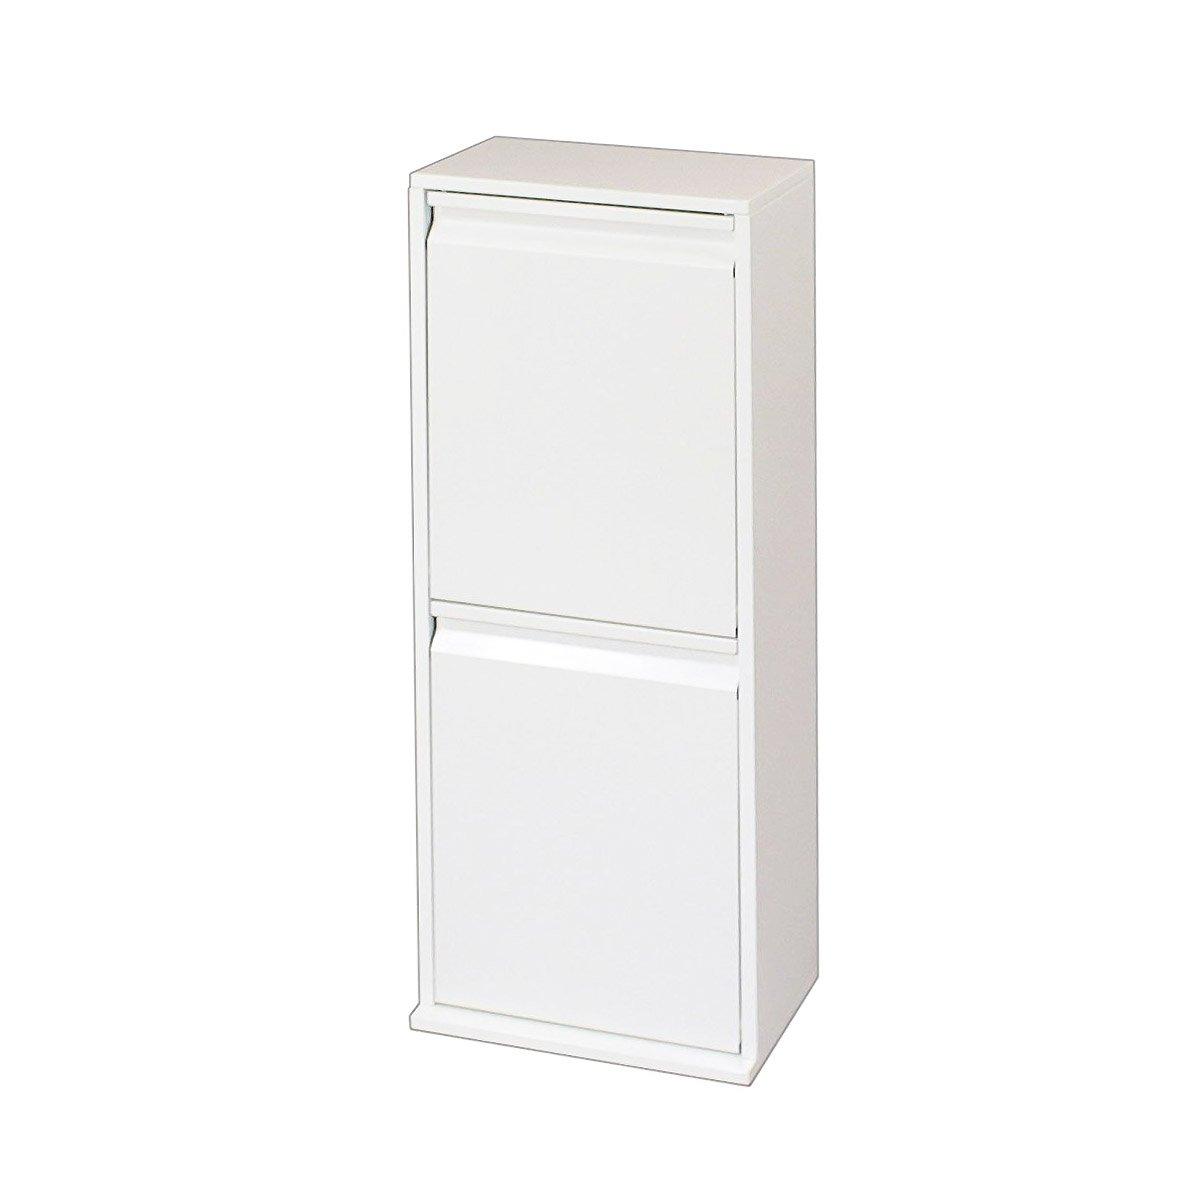 スチール 薄型 ダスト ボックス (2分別ホワイト) 18131 B01CZ9BTU82分別ホワイト